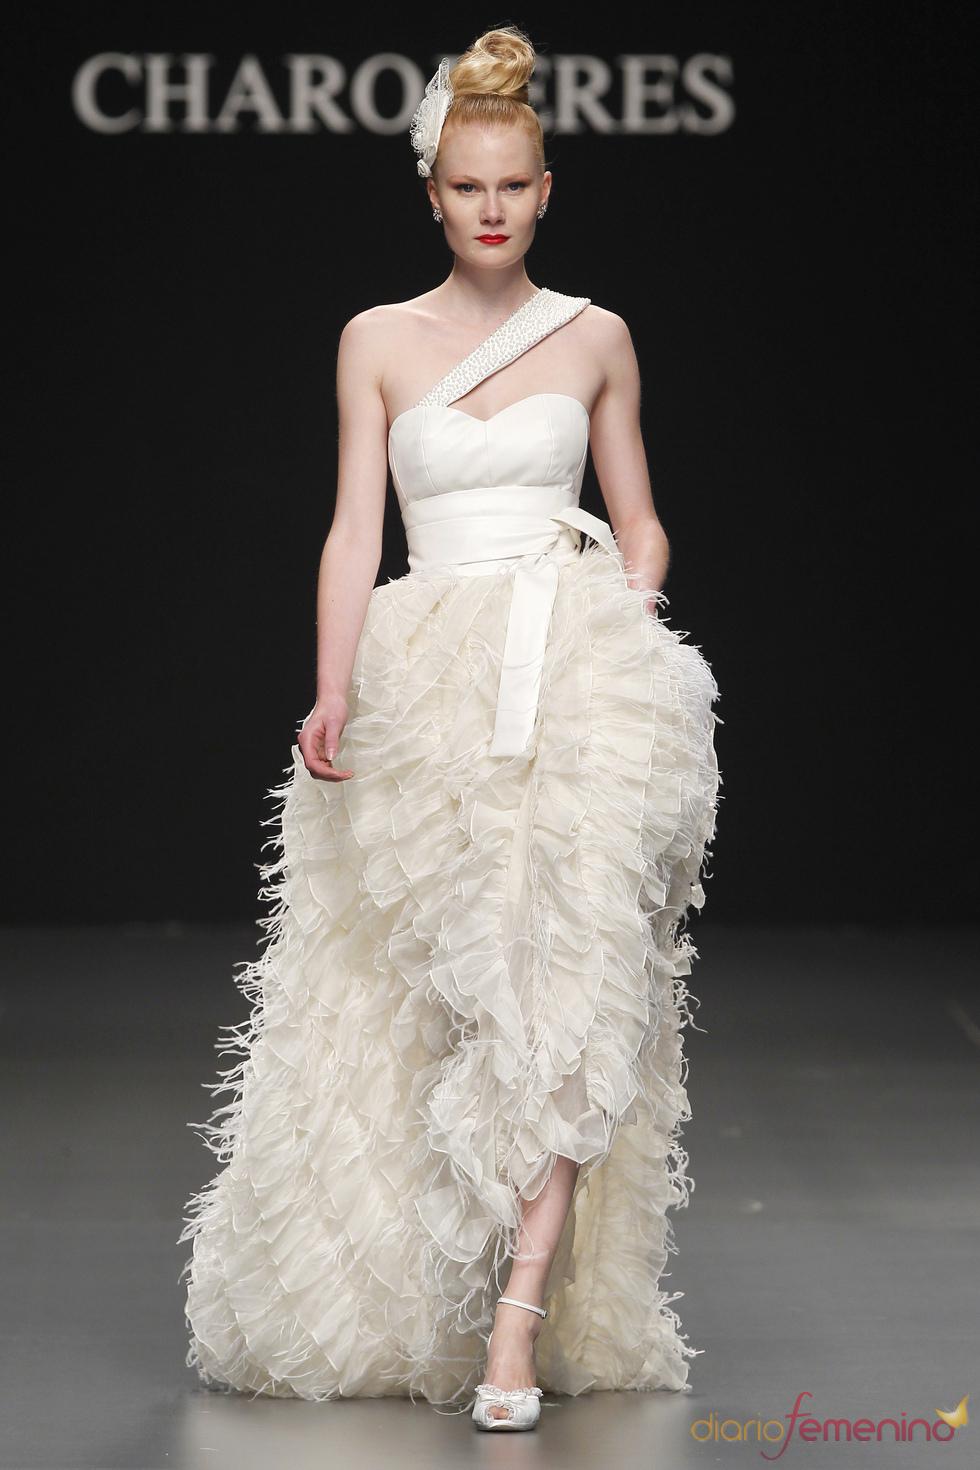 Vestido de novia con volumen de Charo Peres